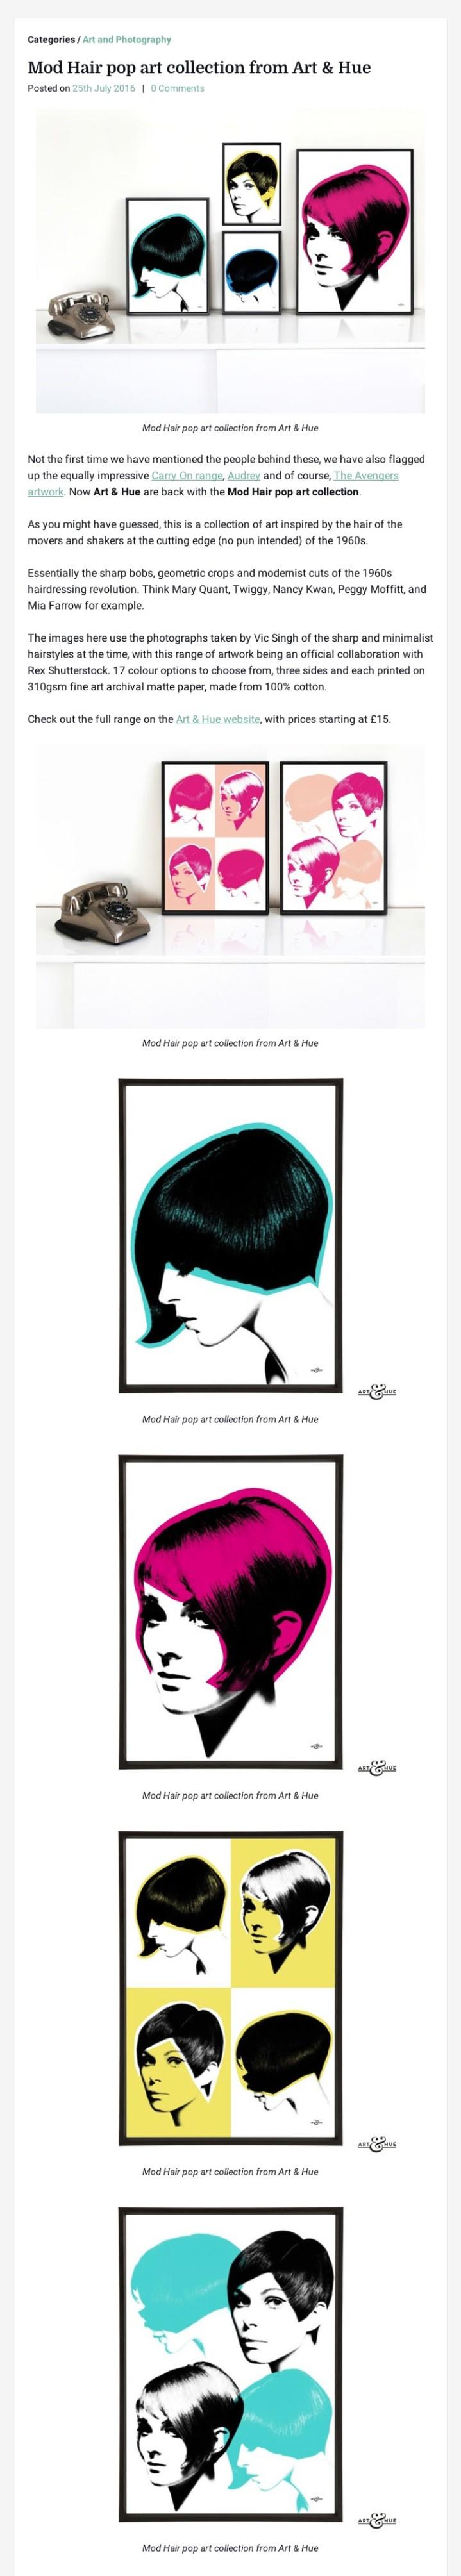 Retro_To_Go_Mod_Hair